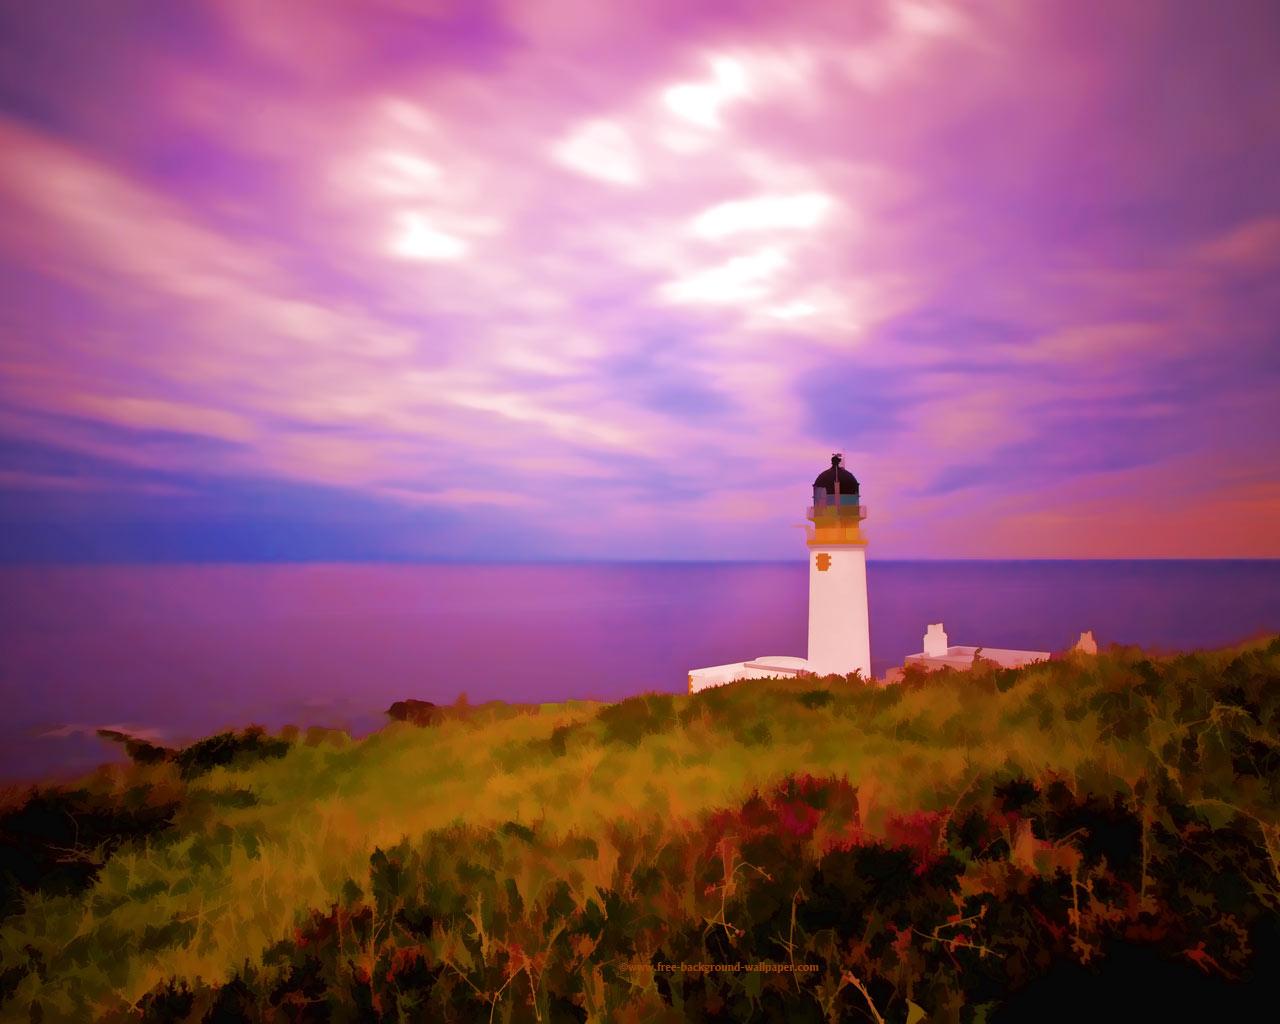 Fall Lighthouse Desktop Wallpaper